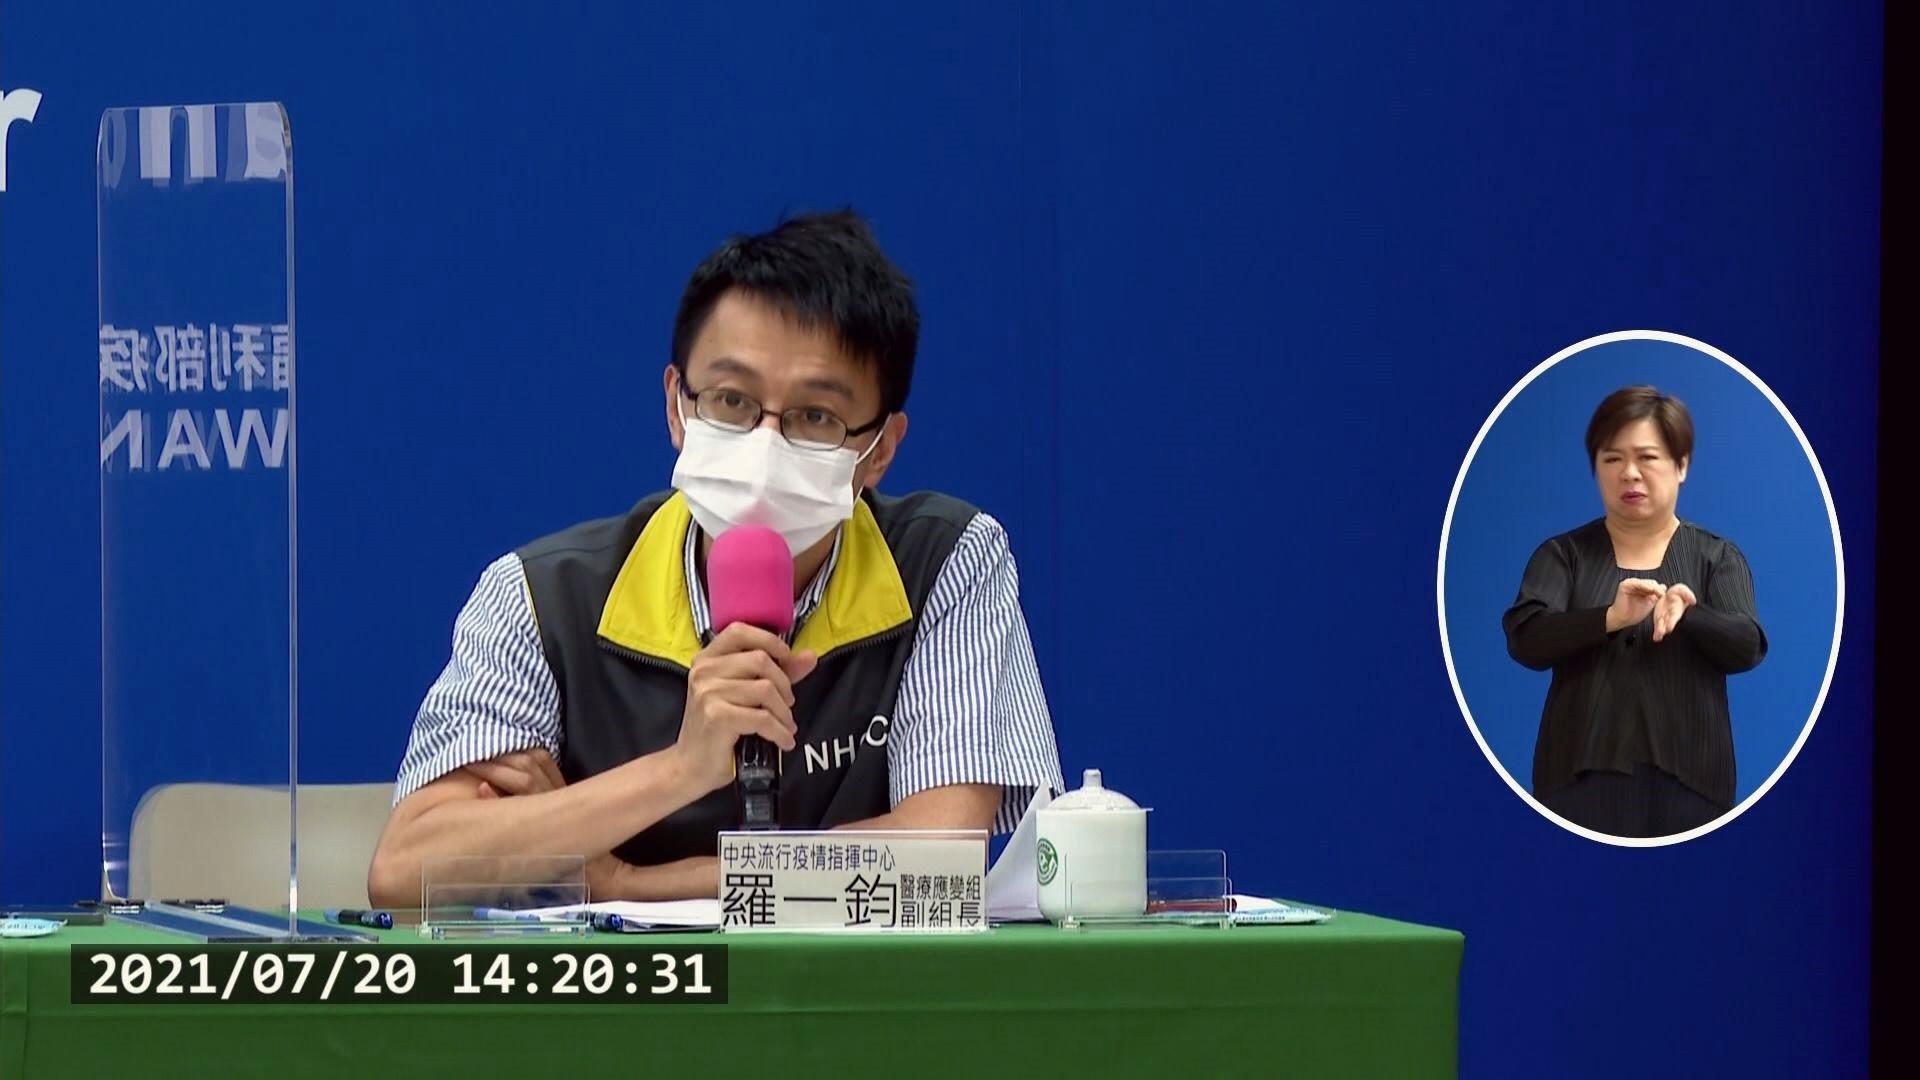 Ngày 20/7 Đài Loan thêm 18 ca nhiễm nội địa, 4 ca tử vong